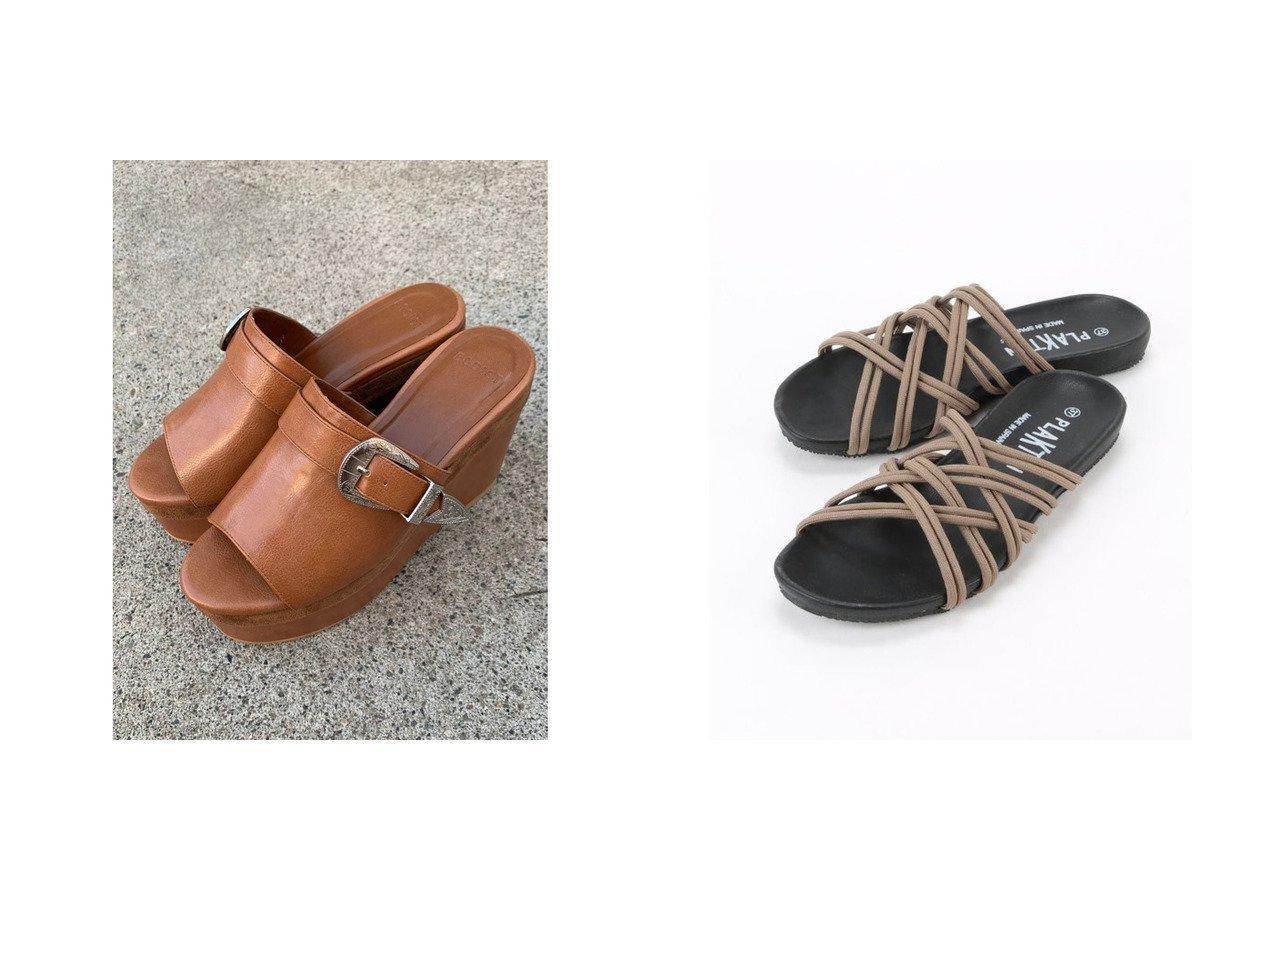 【mjuka/ミューカ】のSEM ストリングサンダル/PLAKTON&【EGOIST/エゴイスト】のベルト付ウェッジサンダル おすすめ!人気、トレンド・レディースファッションの通販 おすすめで人気の流行・トレンド、ファッションの通販商品 インテリア・家具・メンズファッション・キッズファッション・レディースファッション・服の通販 founy(ファニー) https://founy.com/ ファッション Fashion レディースファッション WOMEN ベルト Belts 2021年 2021 2021春夏・S/S SS/Spring/Summer/2021 S/S・春夏 SS・Spring/Summer アンティーク オープントゥ フェイクスエード フェイクレザー ワンポイント 春 Spring  ID:crp329100000046185